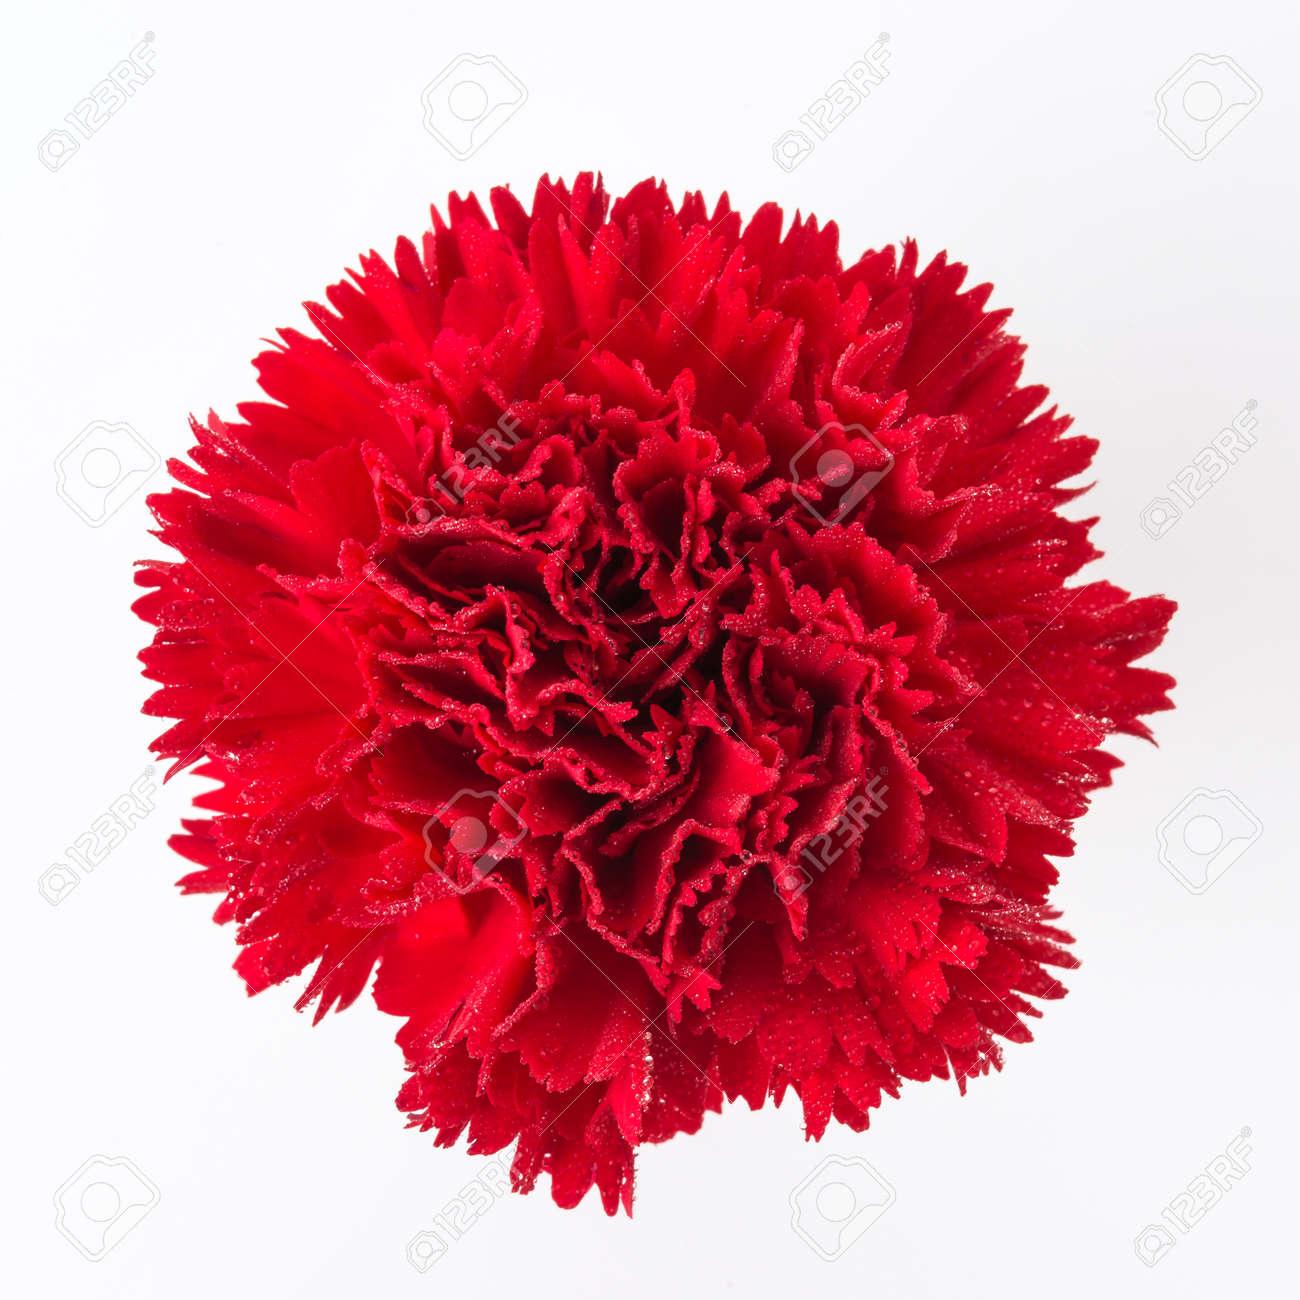 Atemberaubend Rote Nelke Blume Isoliert Auf Weißem Hintergrund Lizenzfreie Fotos #VW_07